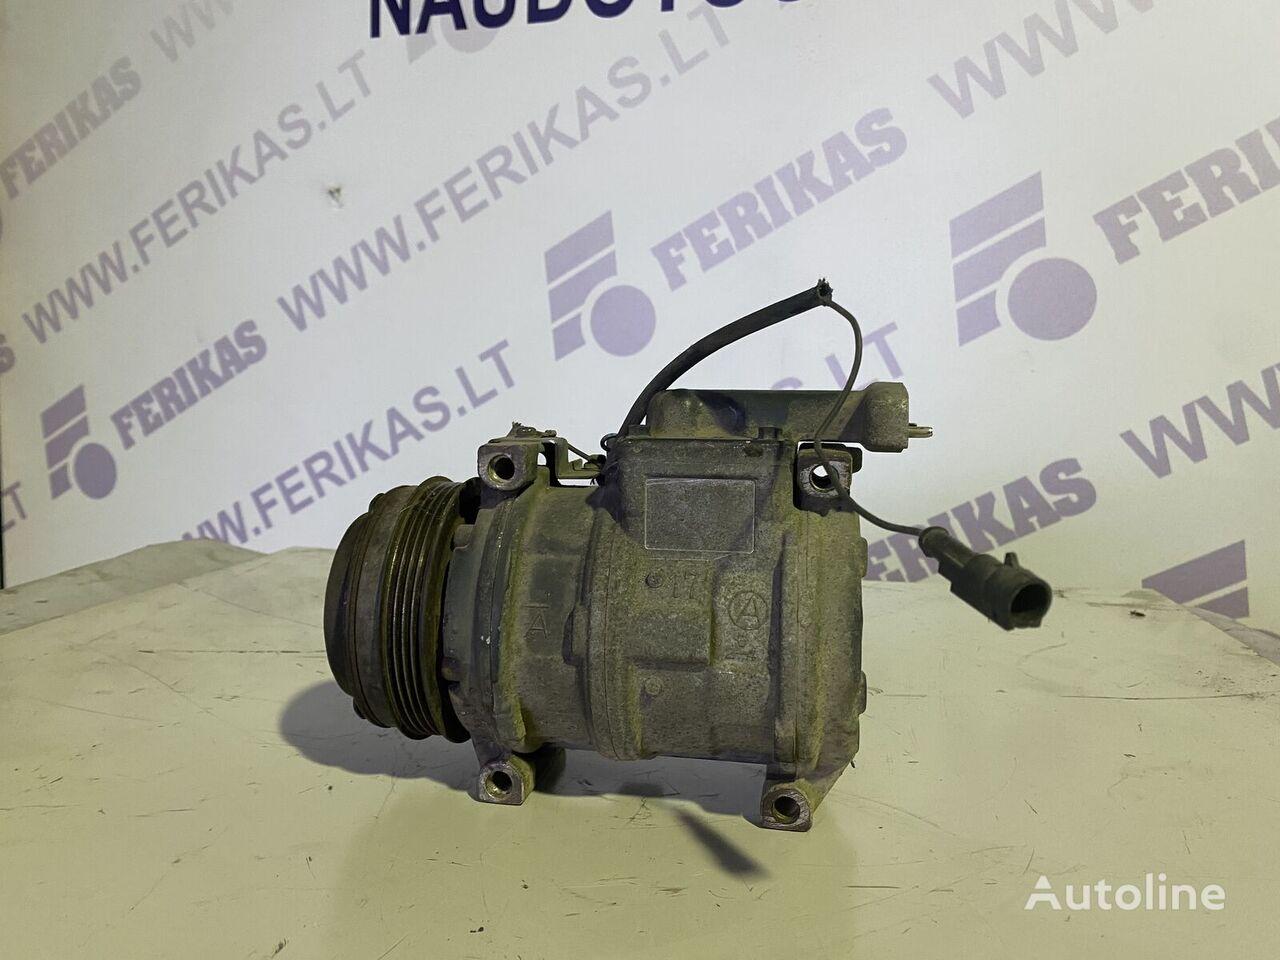 IVECO AC compressor (4472005750) compresor de aire acondicionado para IVECO Stralis tractora